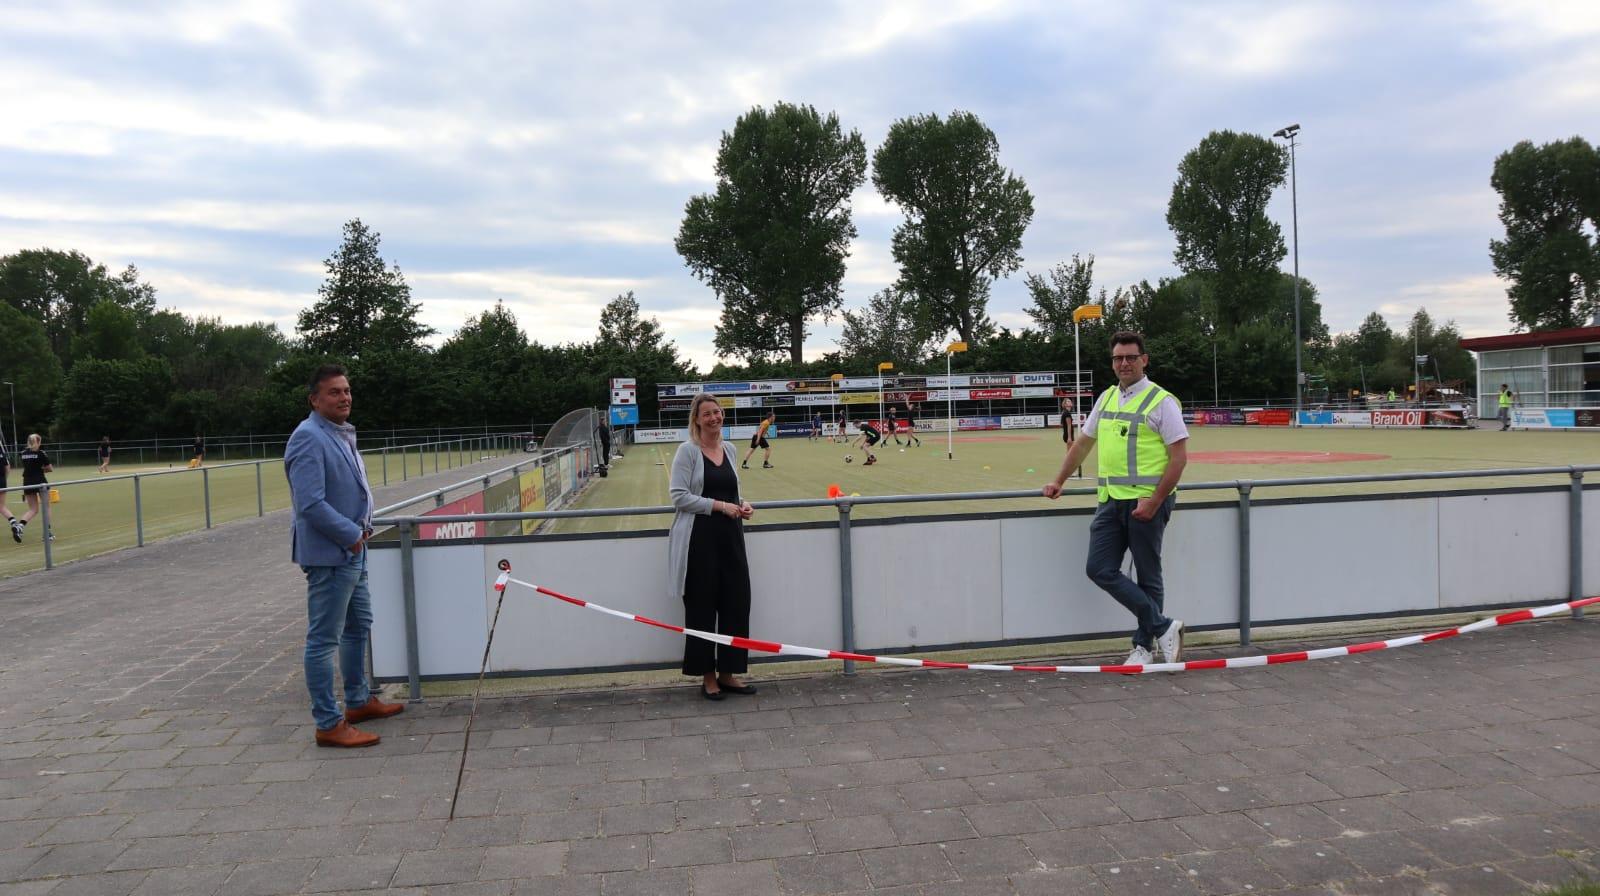 Veilig sporten voor alle inwoners van Zutphen